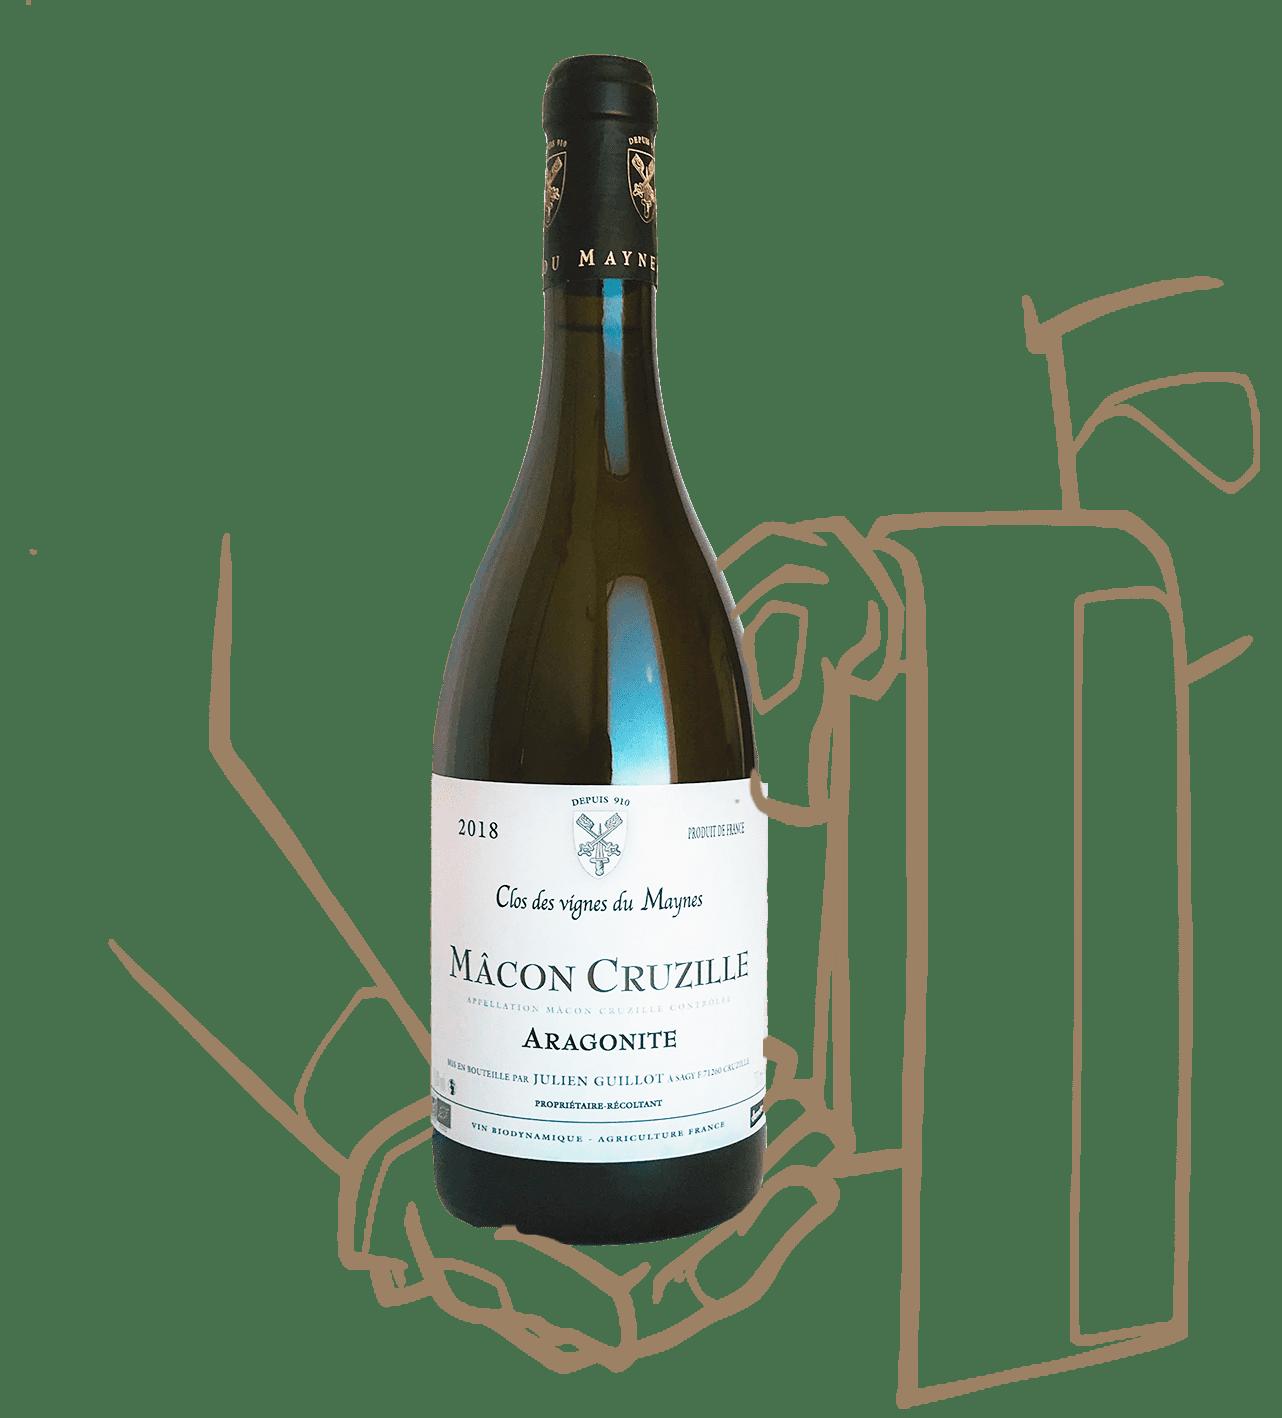 Cuvée Aragonite du Clos des vignes du Maynes, Vin naturel de Bourgogne